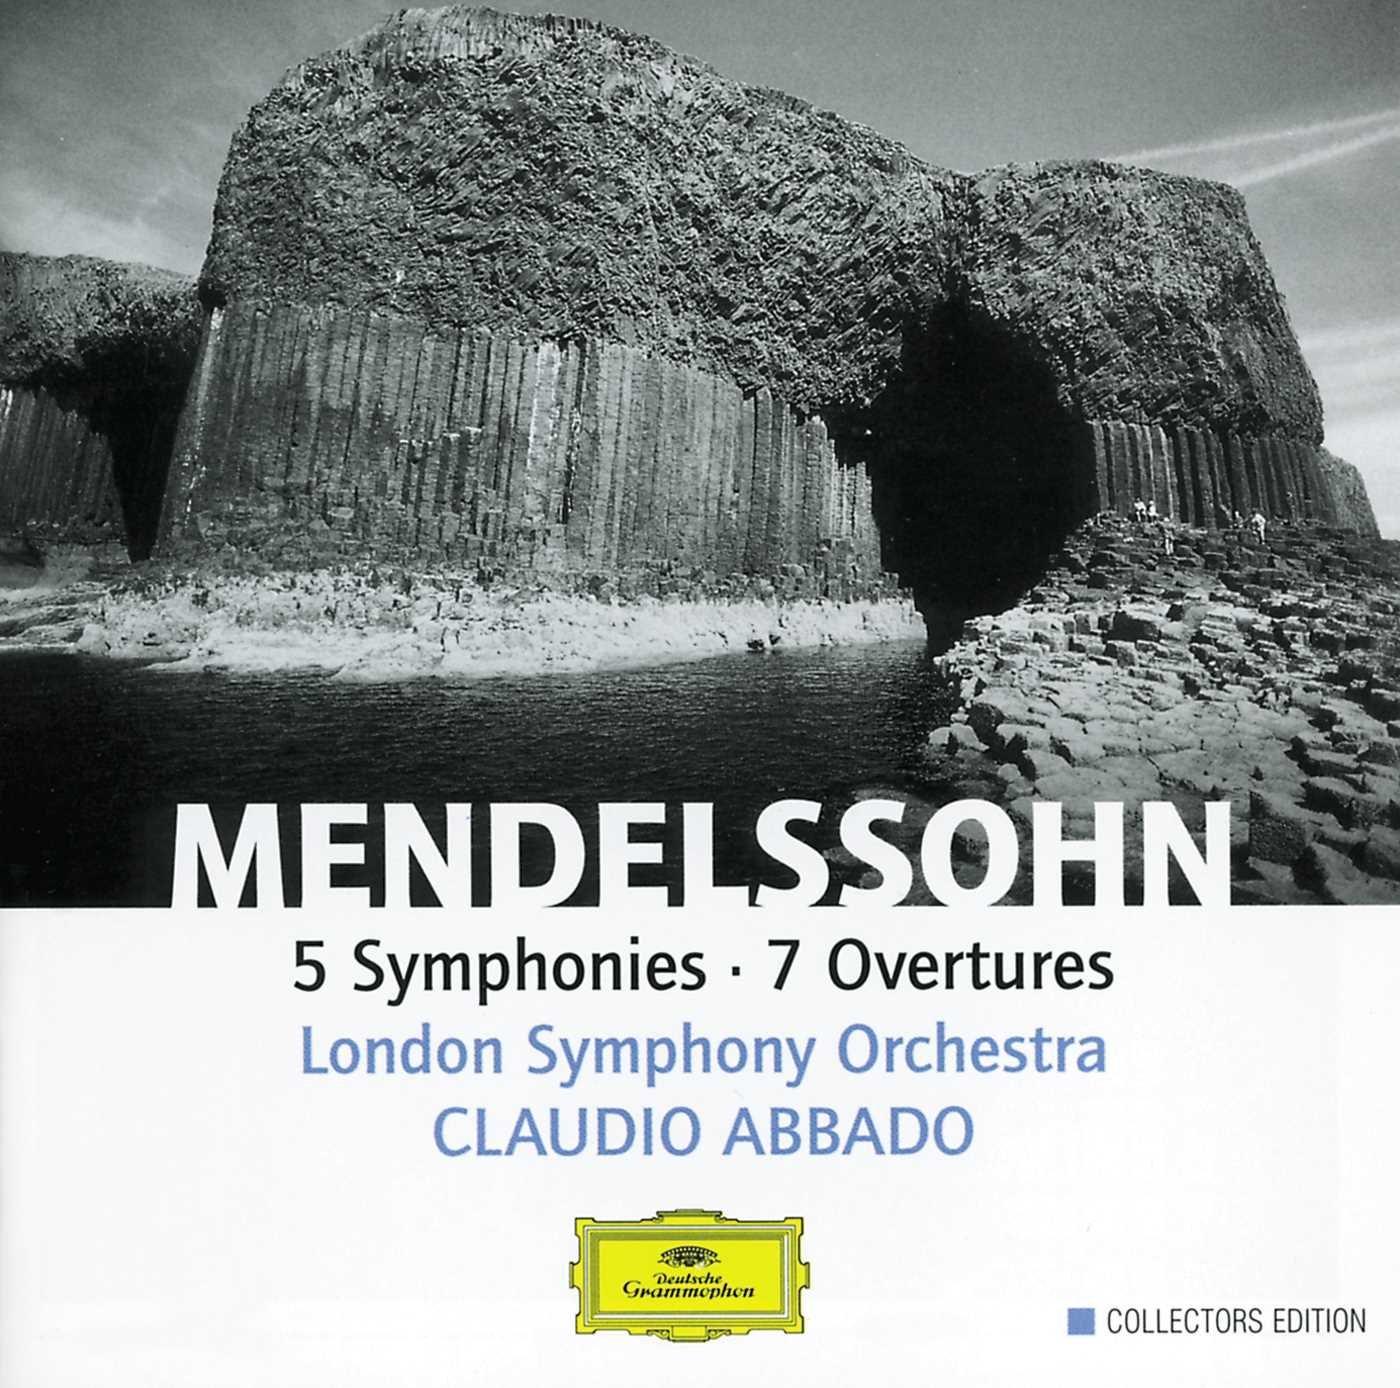 Mendelssohn: 5 Symphonies, 7 Overtures by Deutsche Grammophon